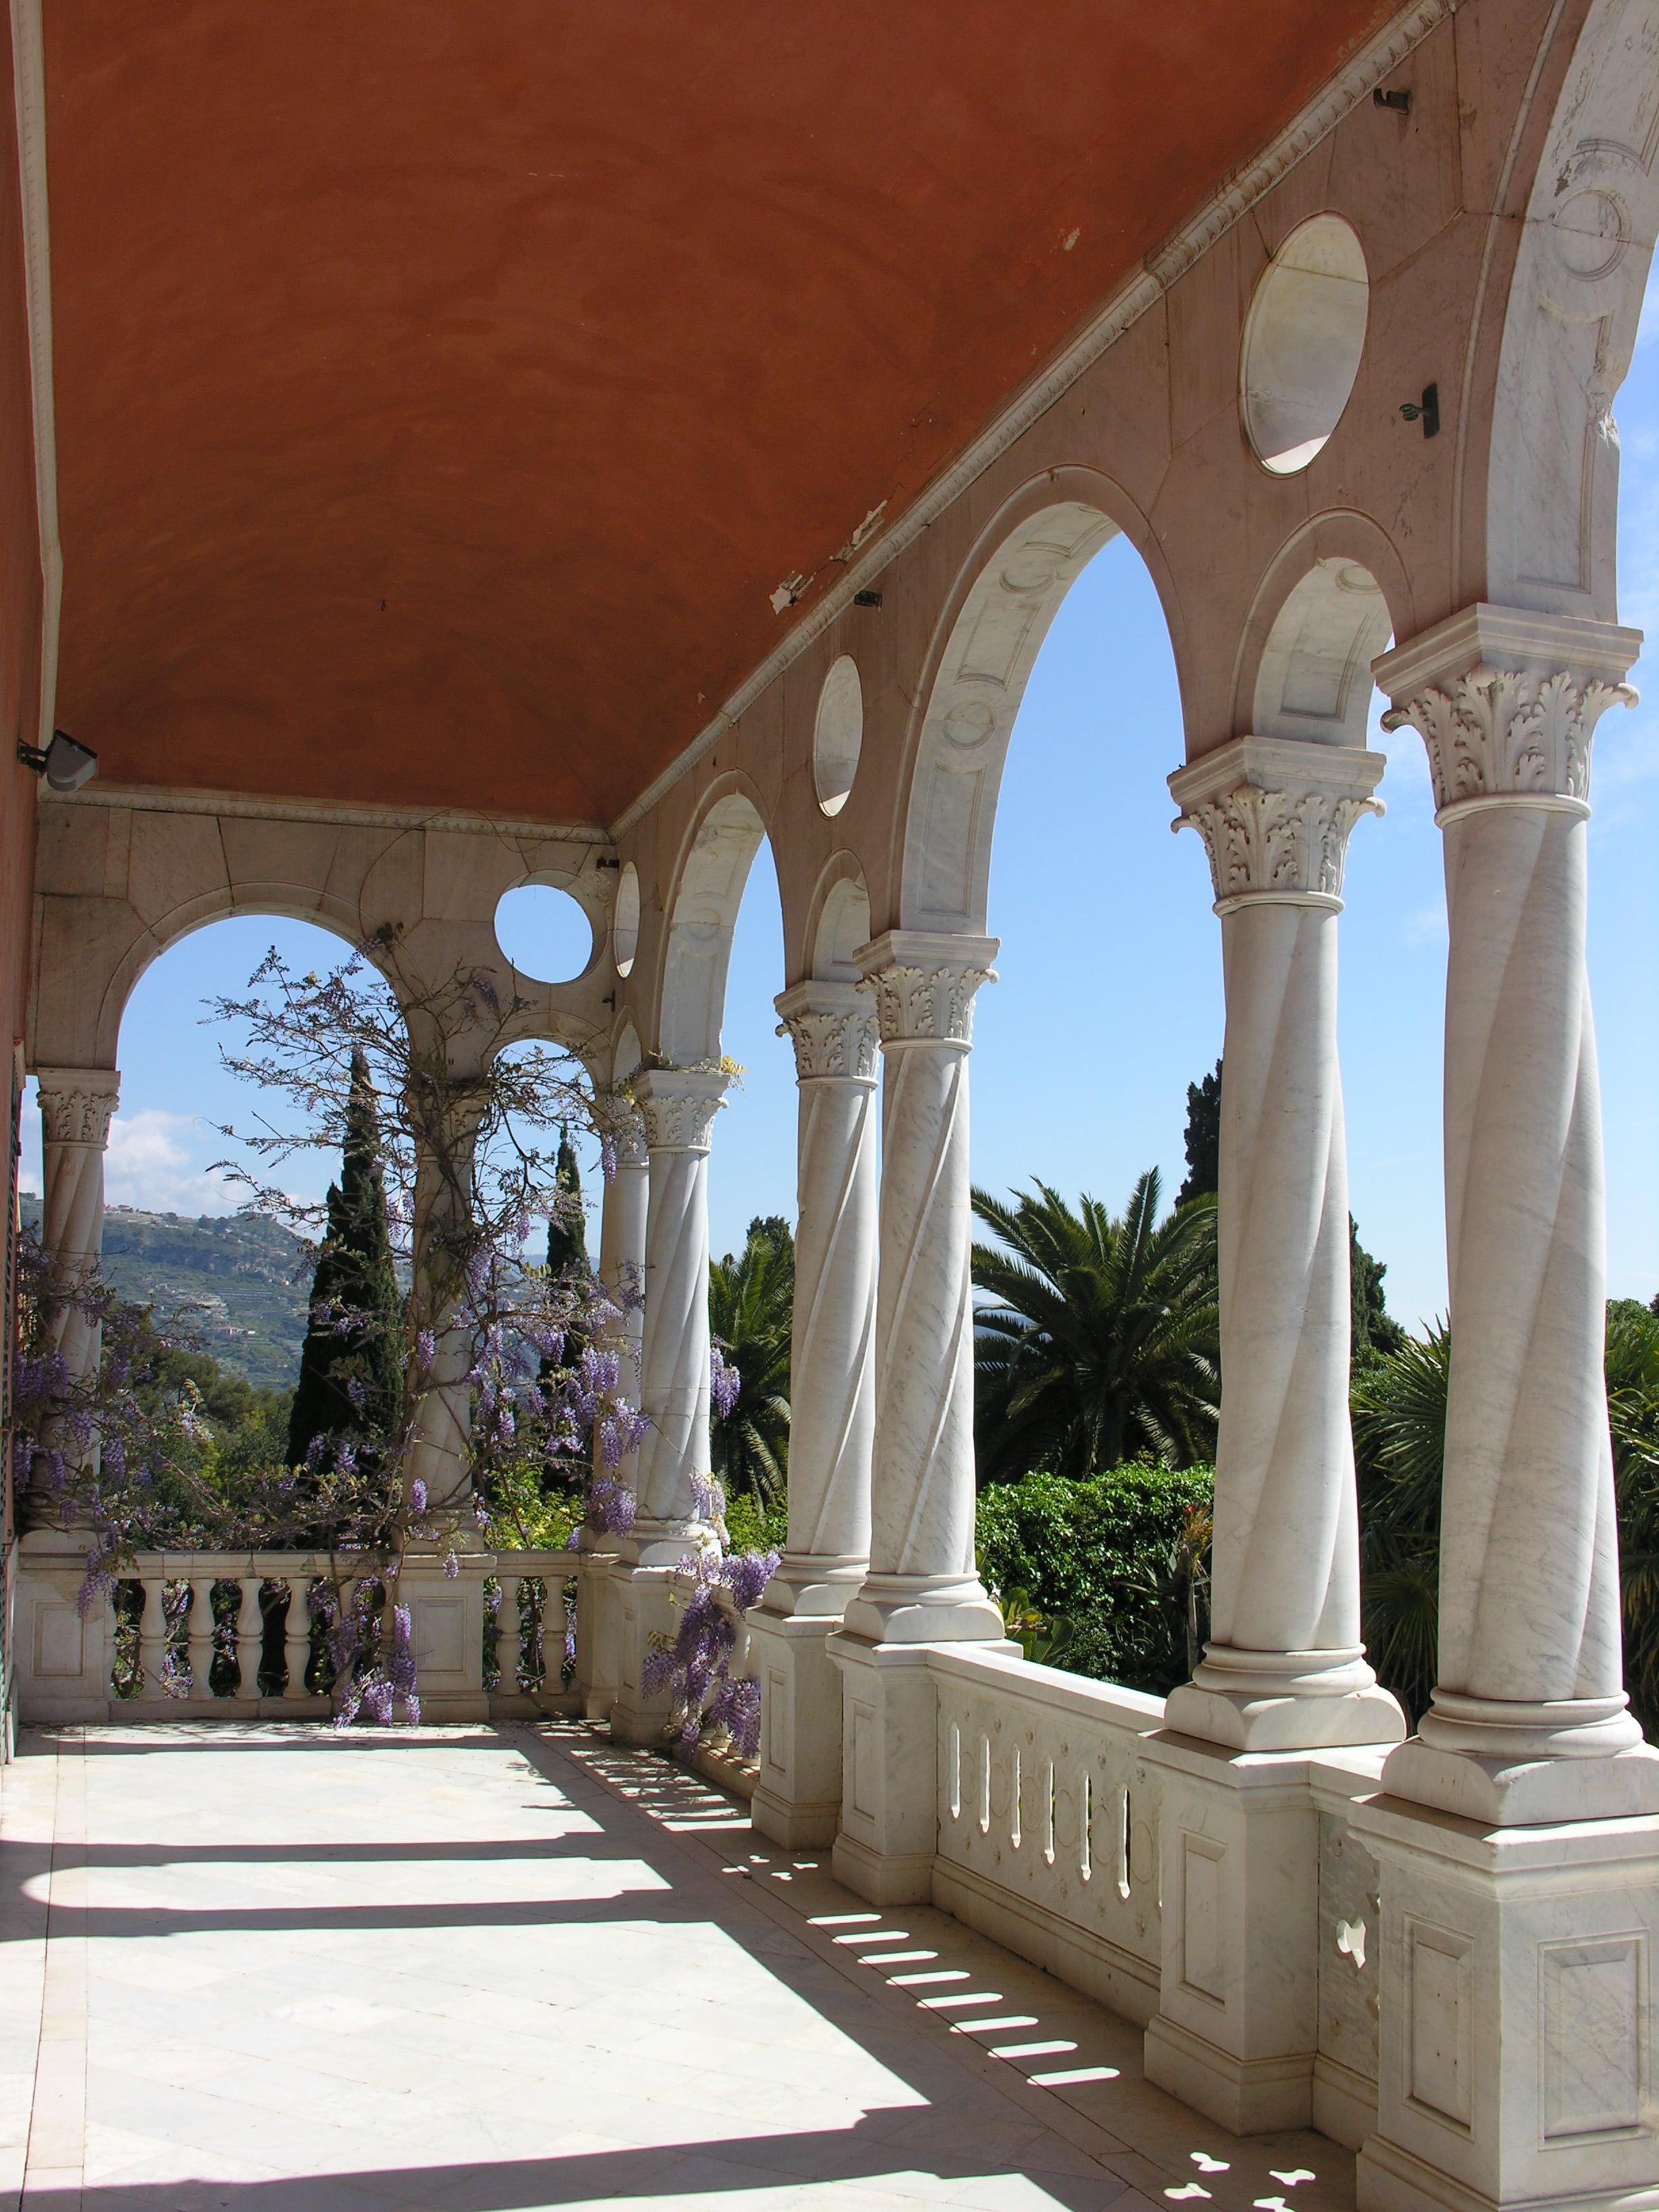 Forse non tutti sanno che nel 2017 ricorre il 150esimo anniversario dall'arrivo di Sir Thomas Hanbury a Ventimiglia. I Giardini Botanici a lui dedicati, che continuano nel tempo a conservare…